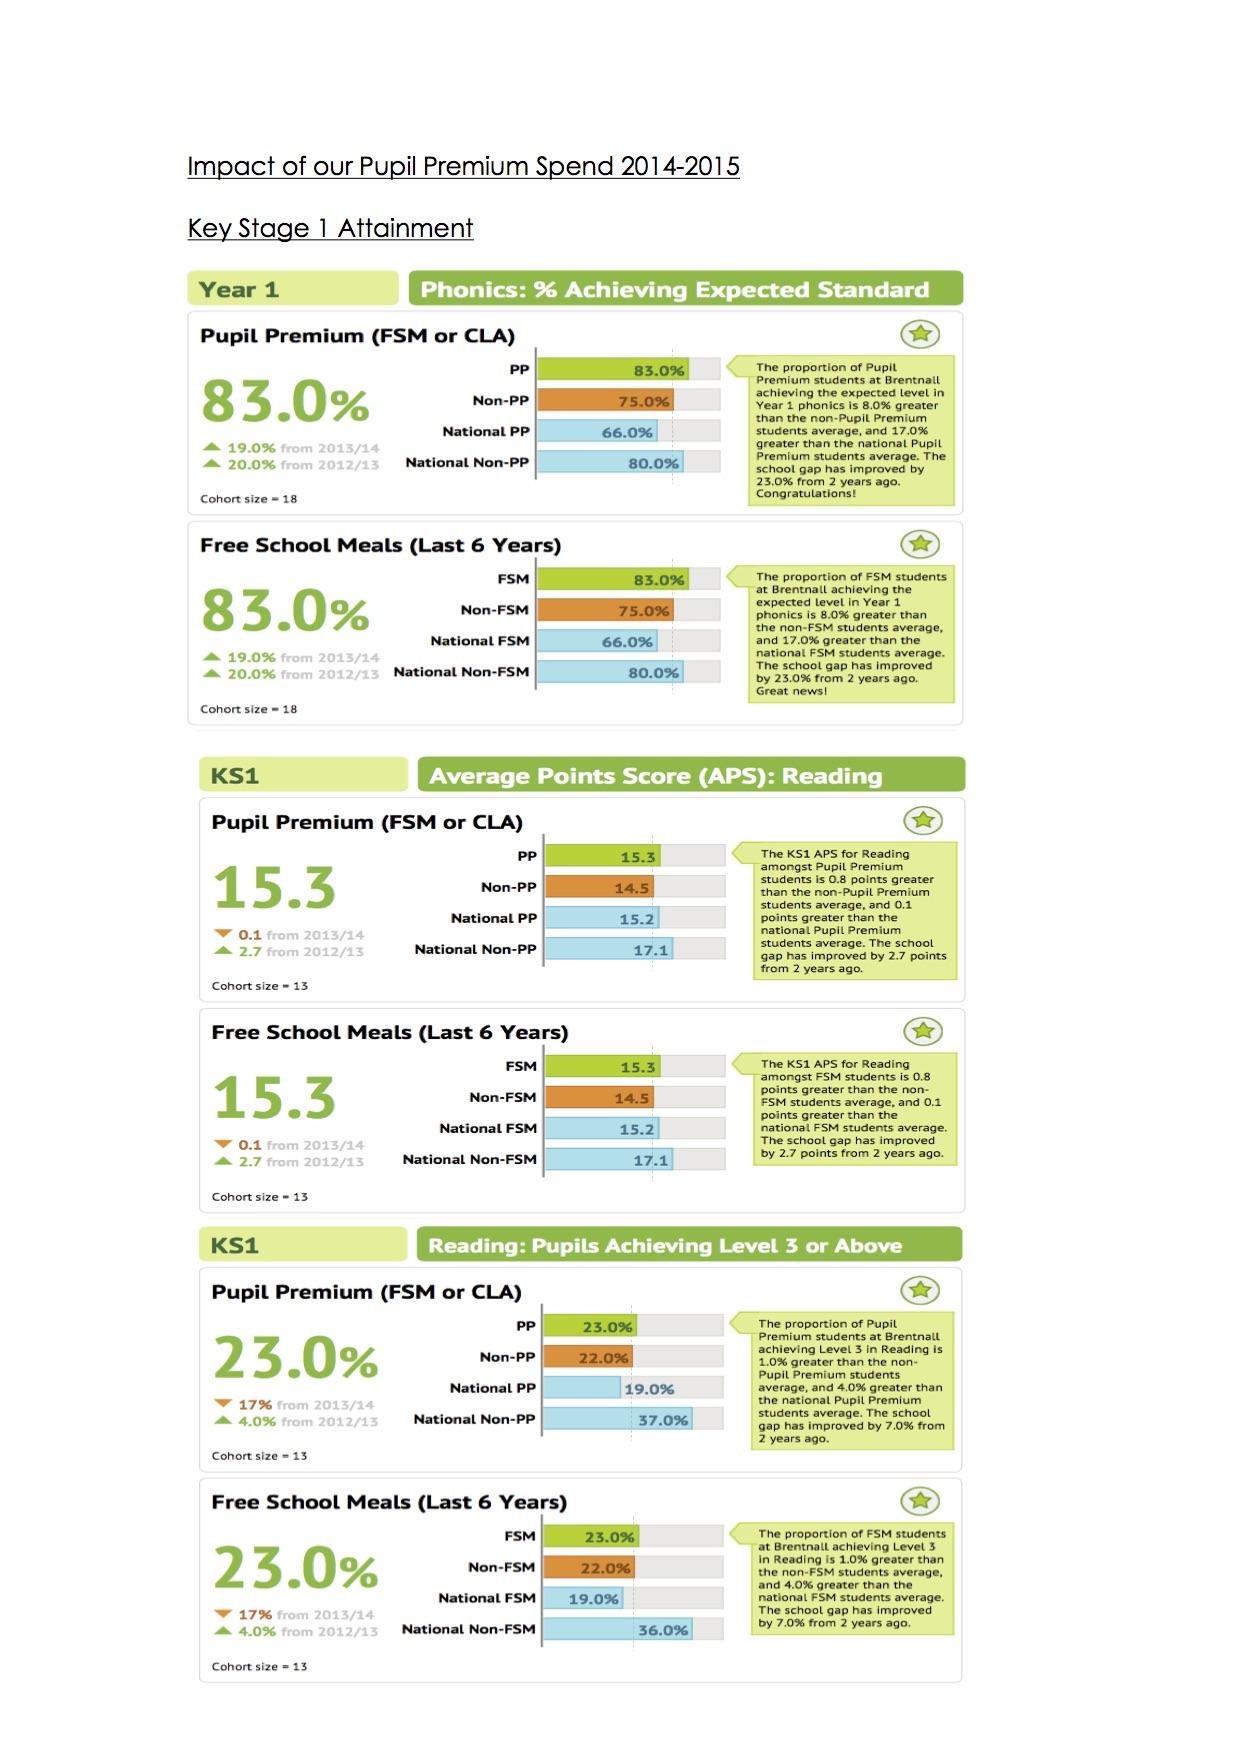 impact-of-our-pupil-premium-spend-2014-20151